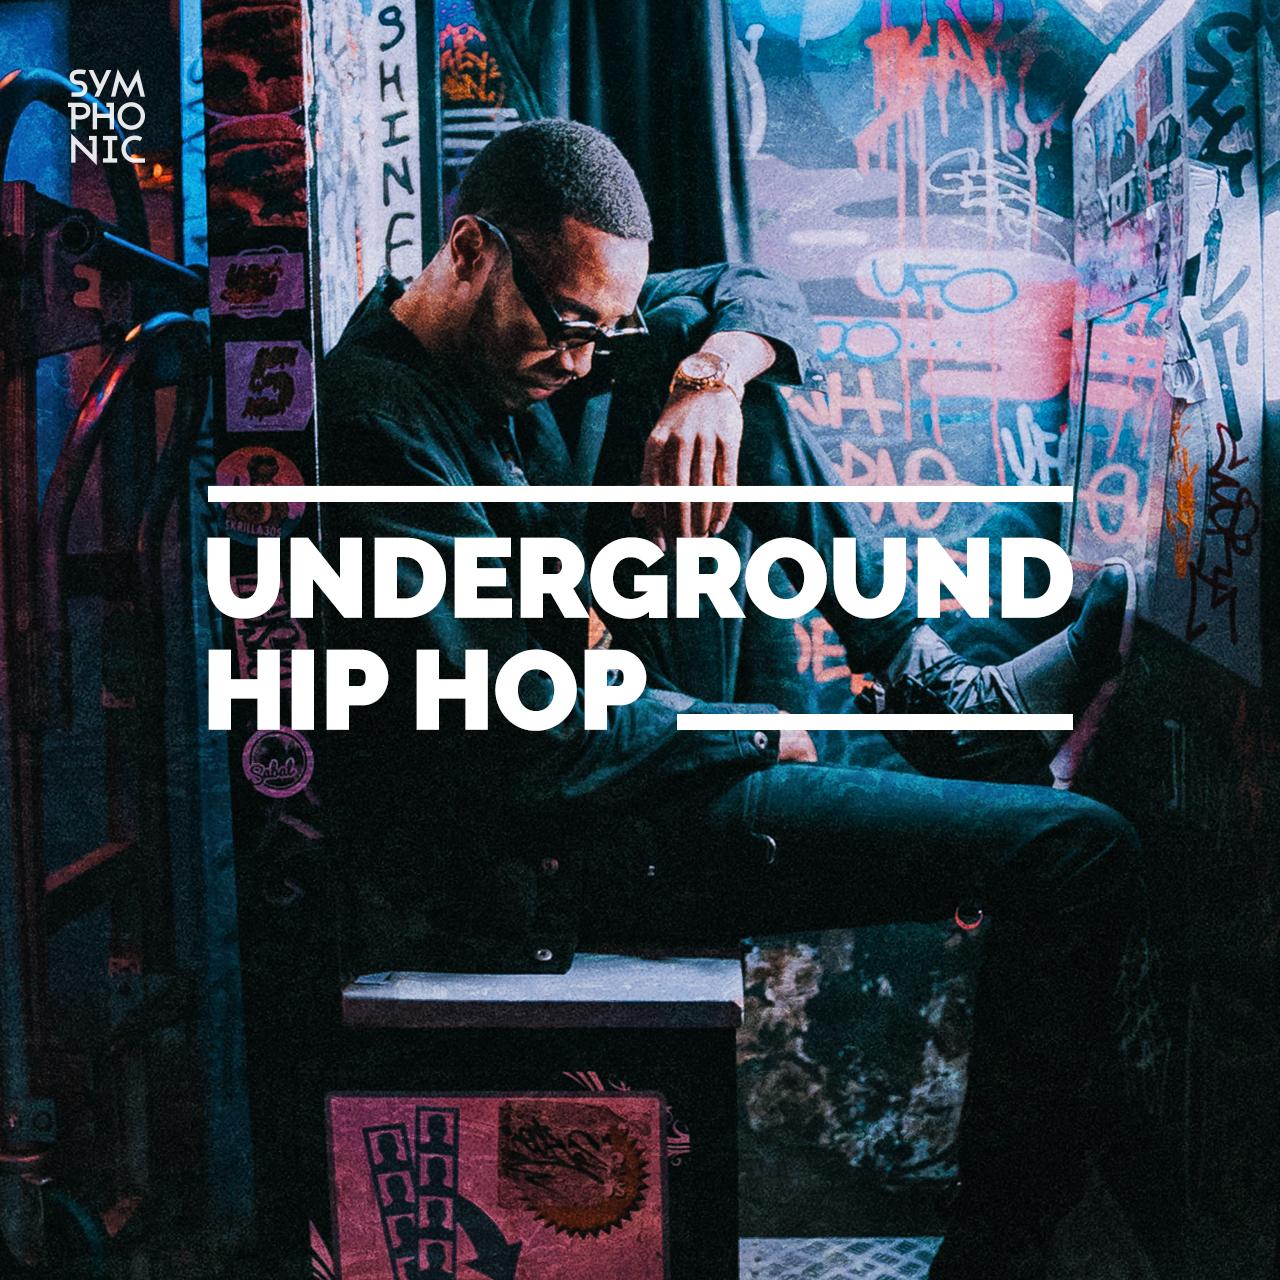 underhiphop